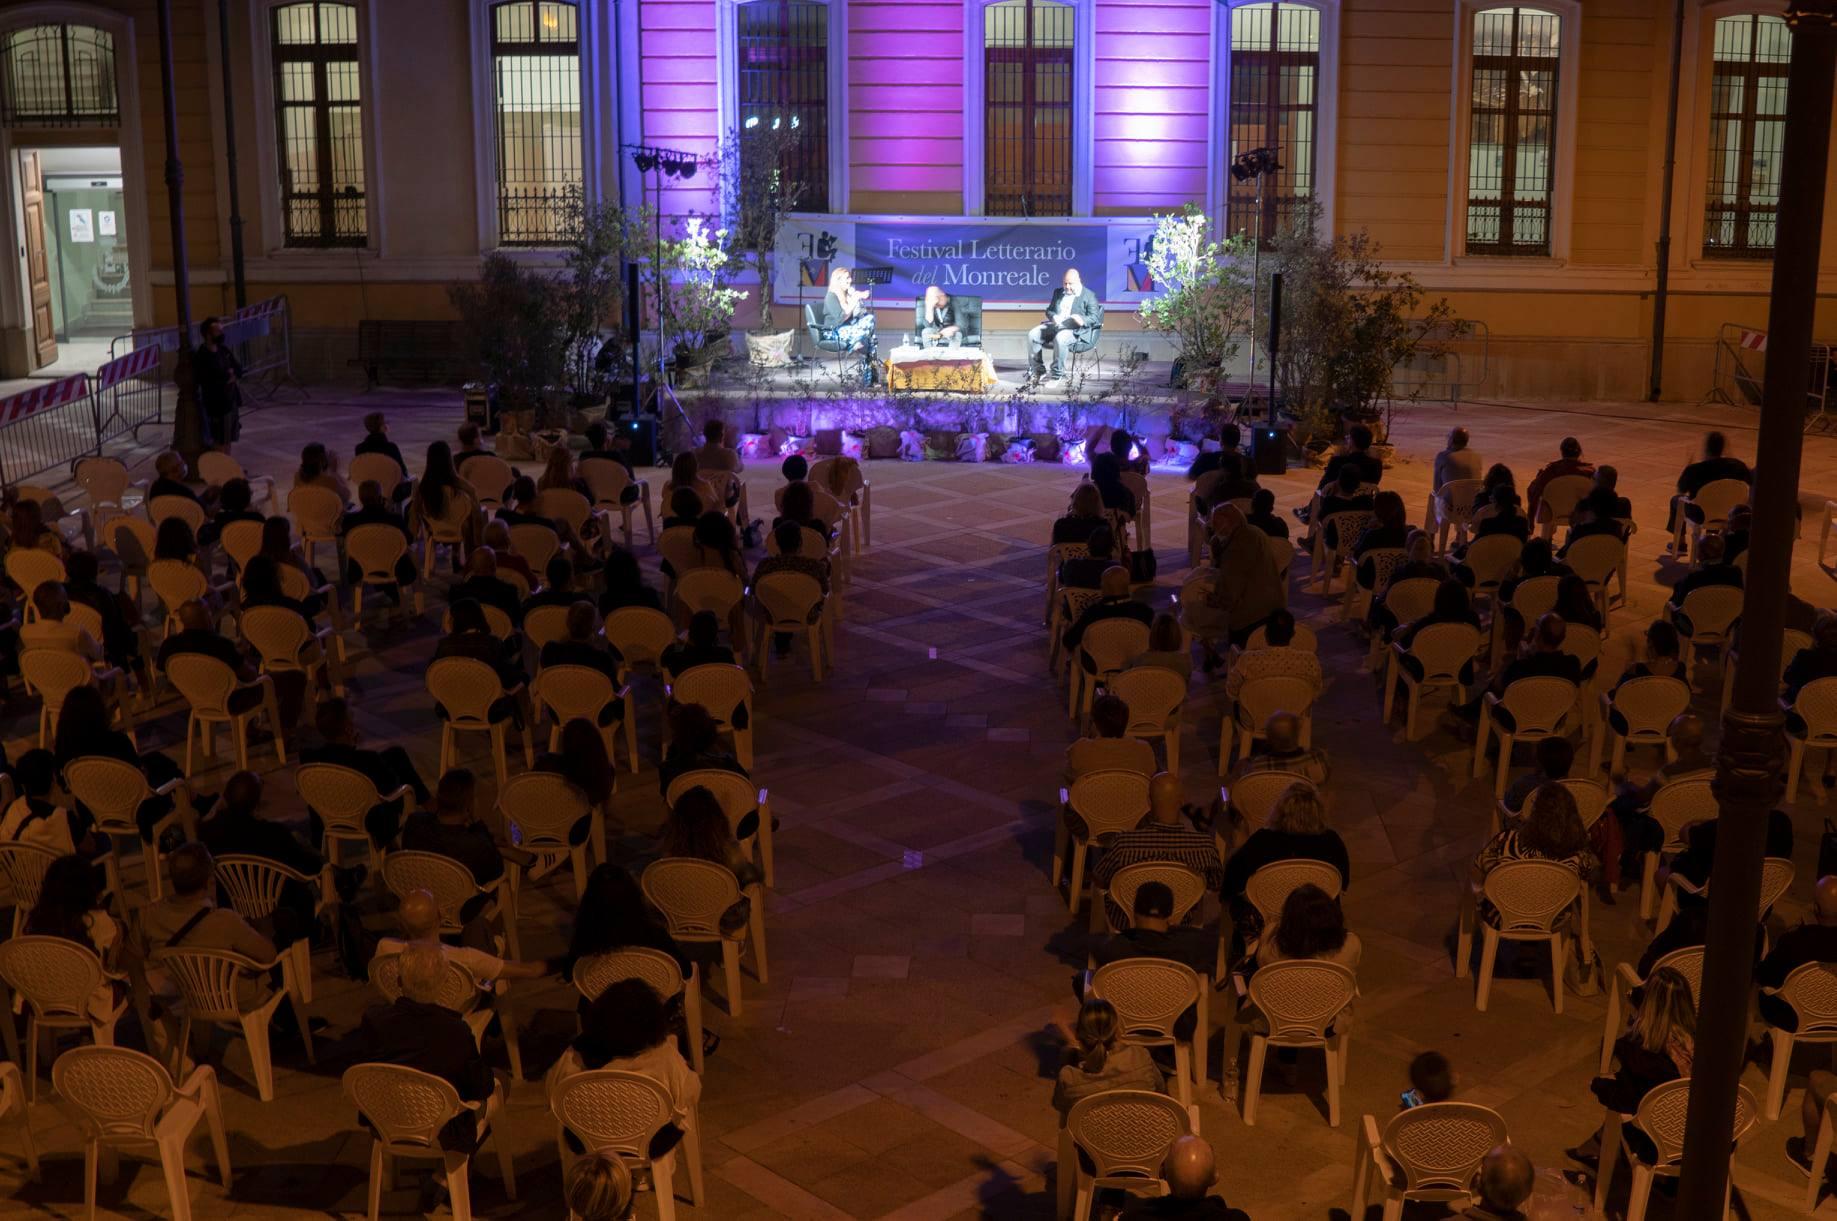 Festival Letterario del Monreale. Il programma della terza edizione